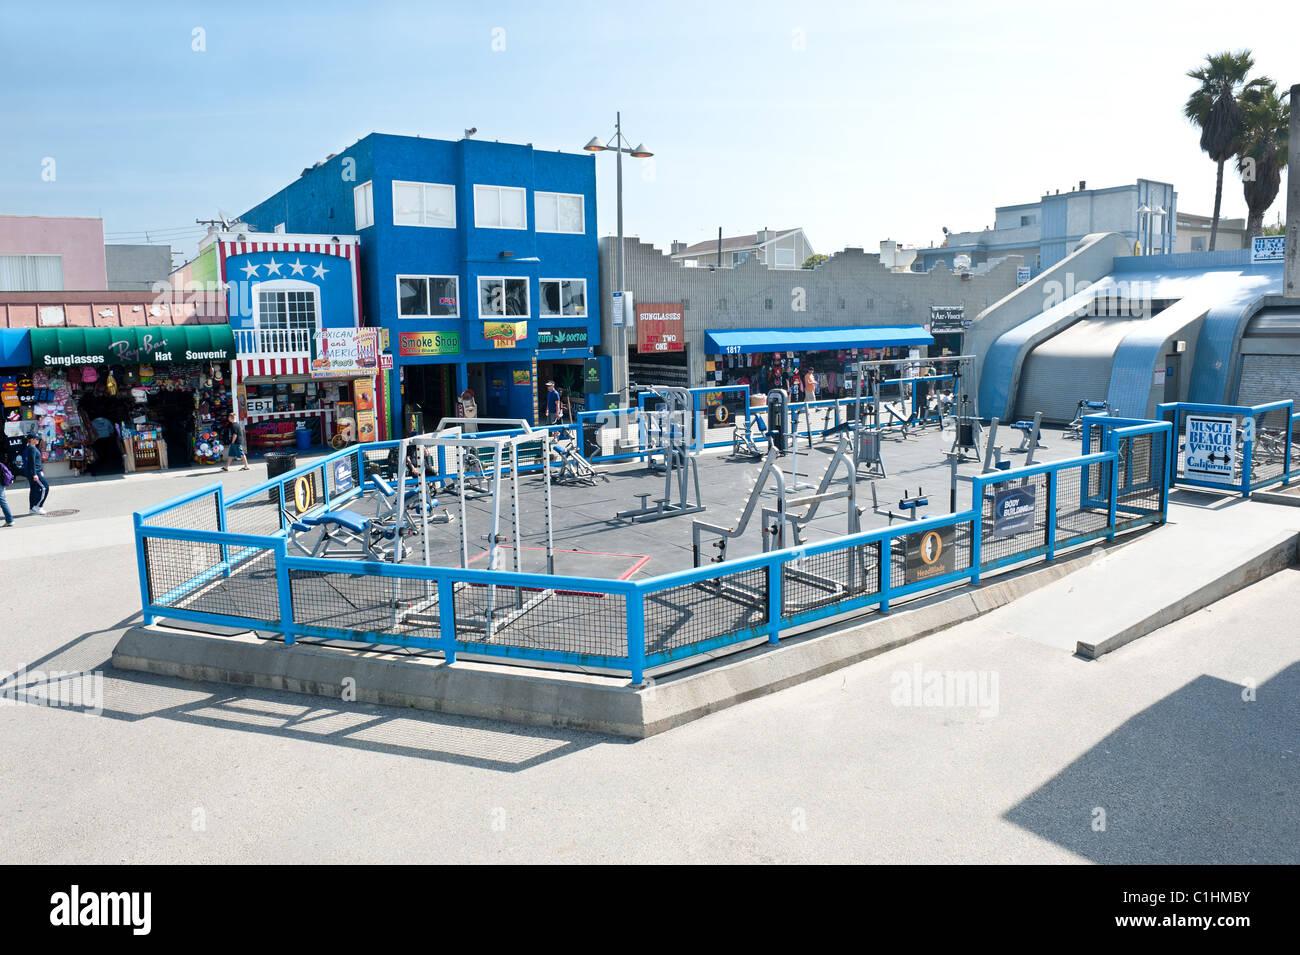 Célèbre Muscle Beach salle de sport, un club de plein air l'haltérophilie, où de nombreux Photo Stock